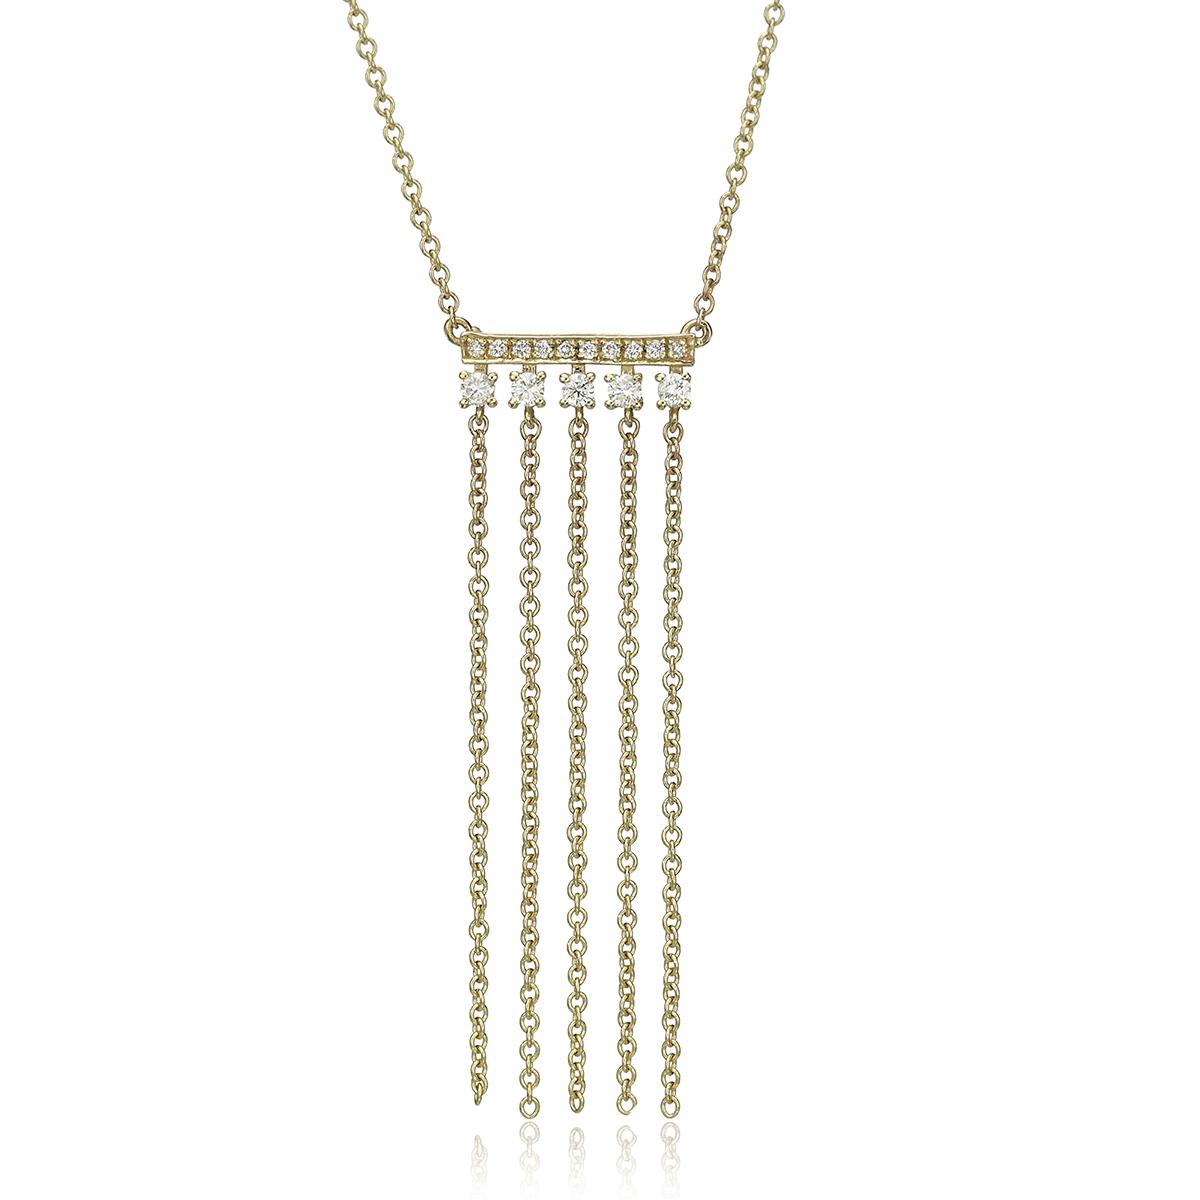 שרשרת בר זהב משובץ יהלומים עם שרשראות מתנדנדות